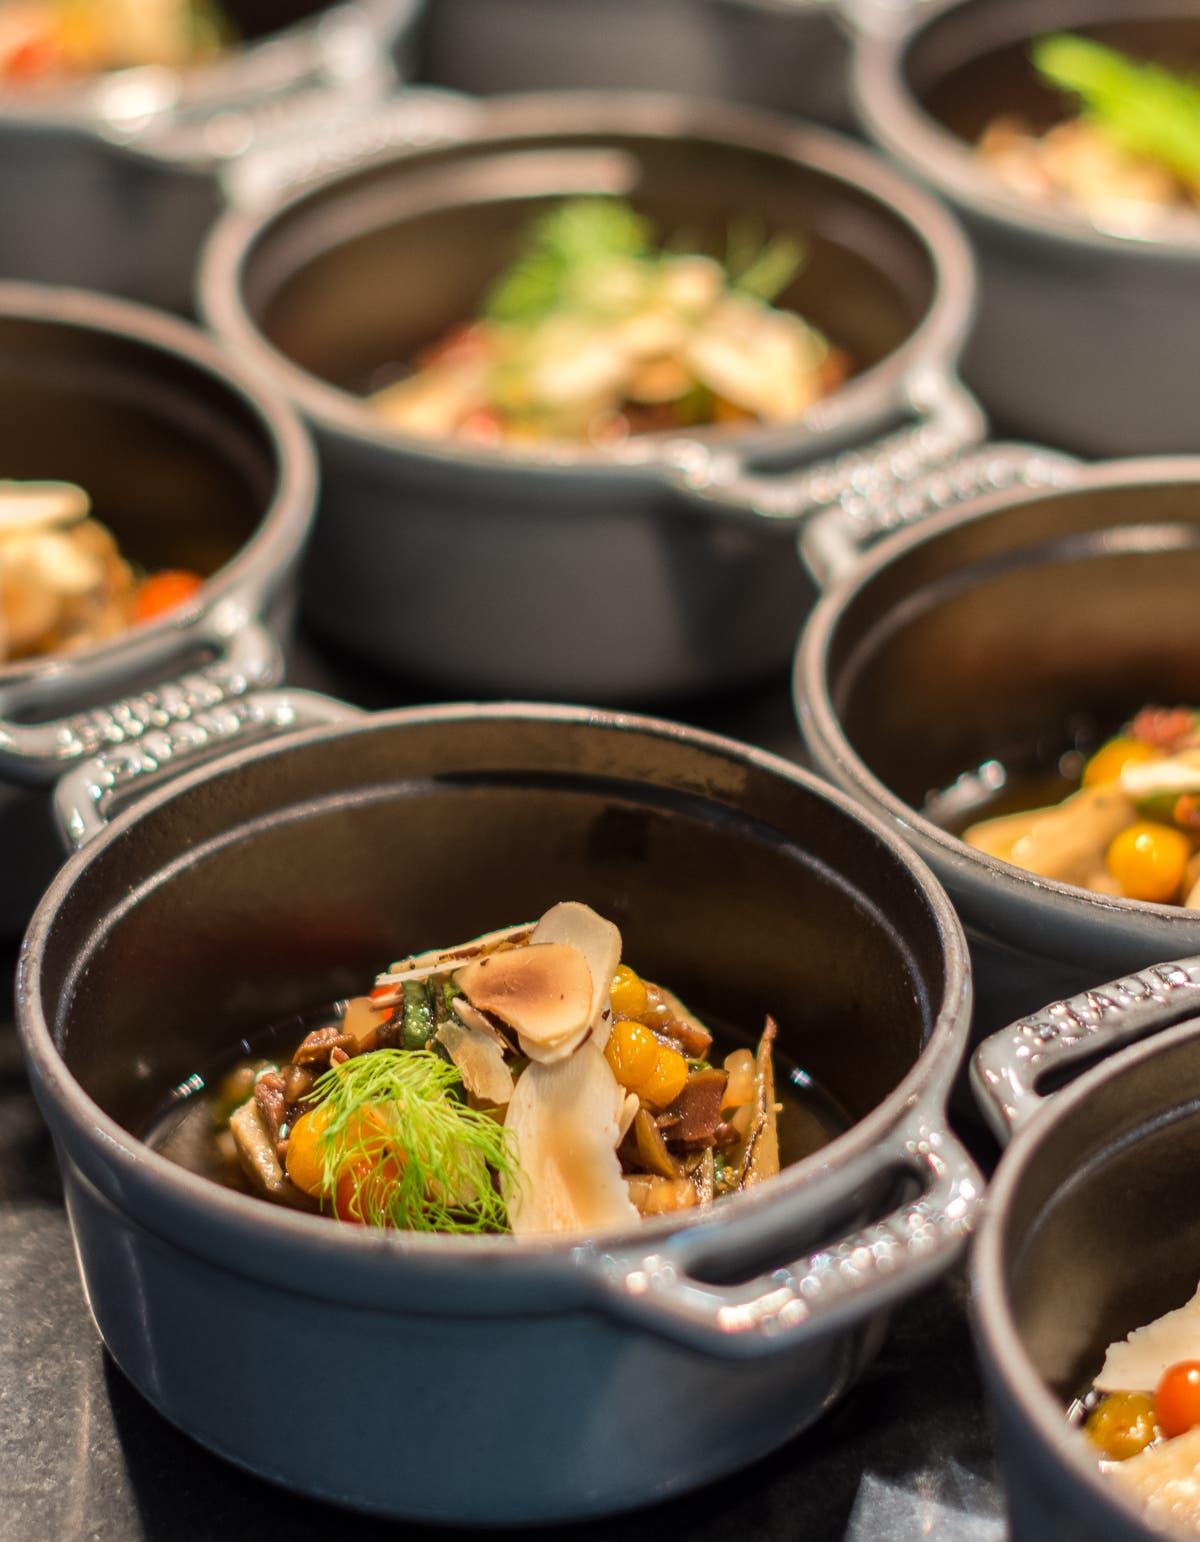 Töpfe gefüllt mit angerichtetem Essen